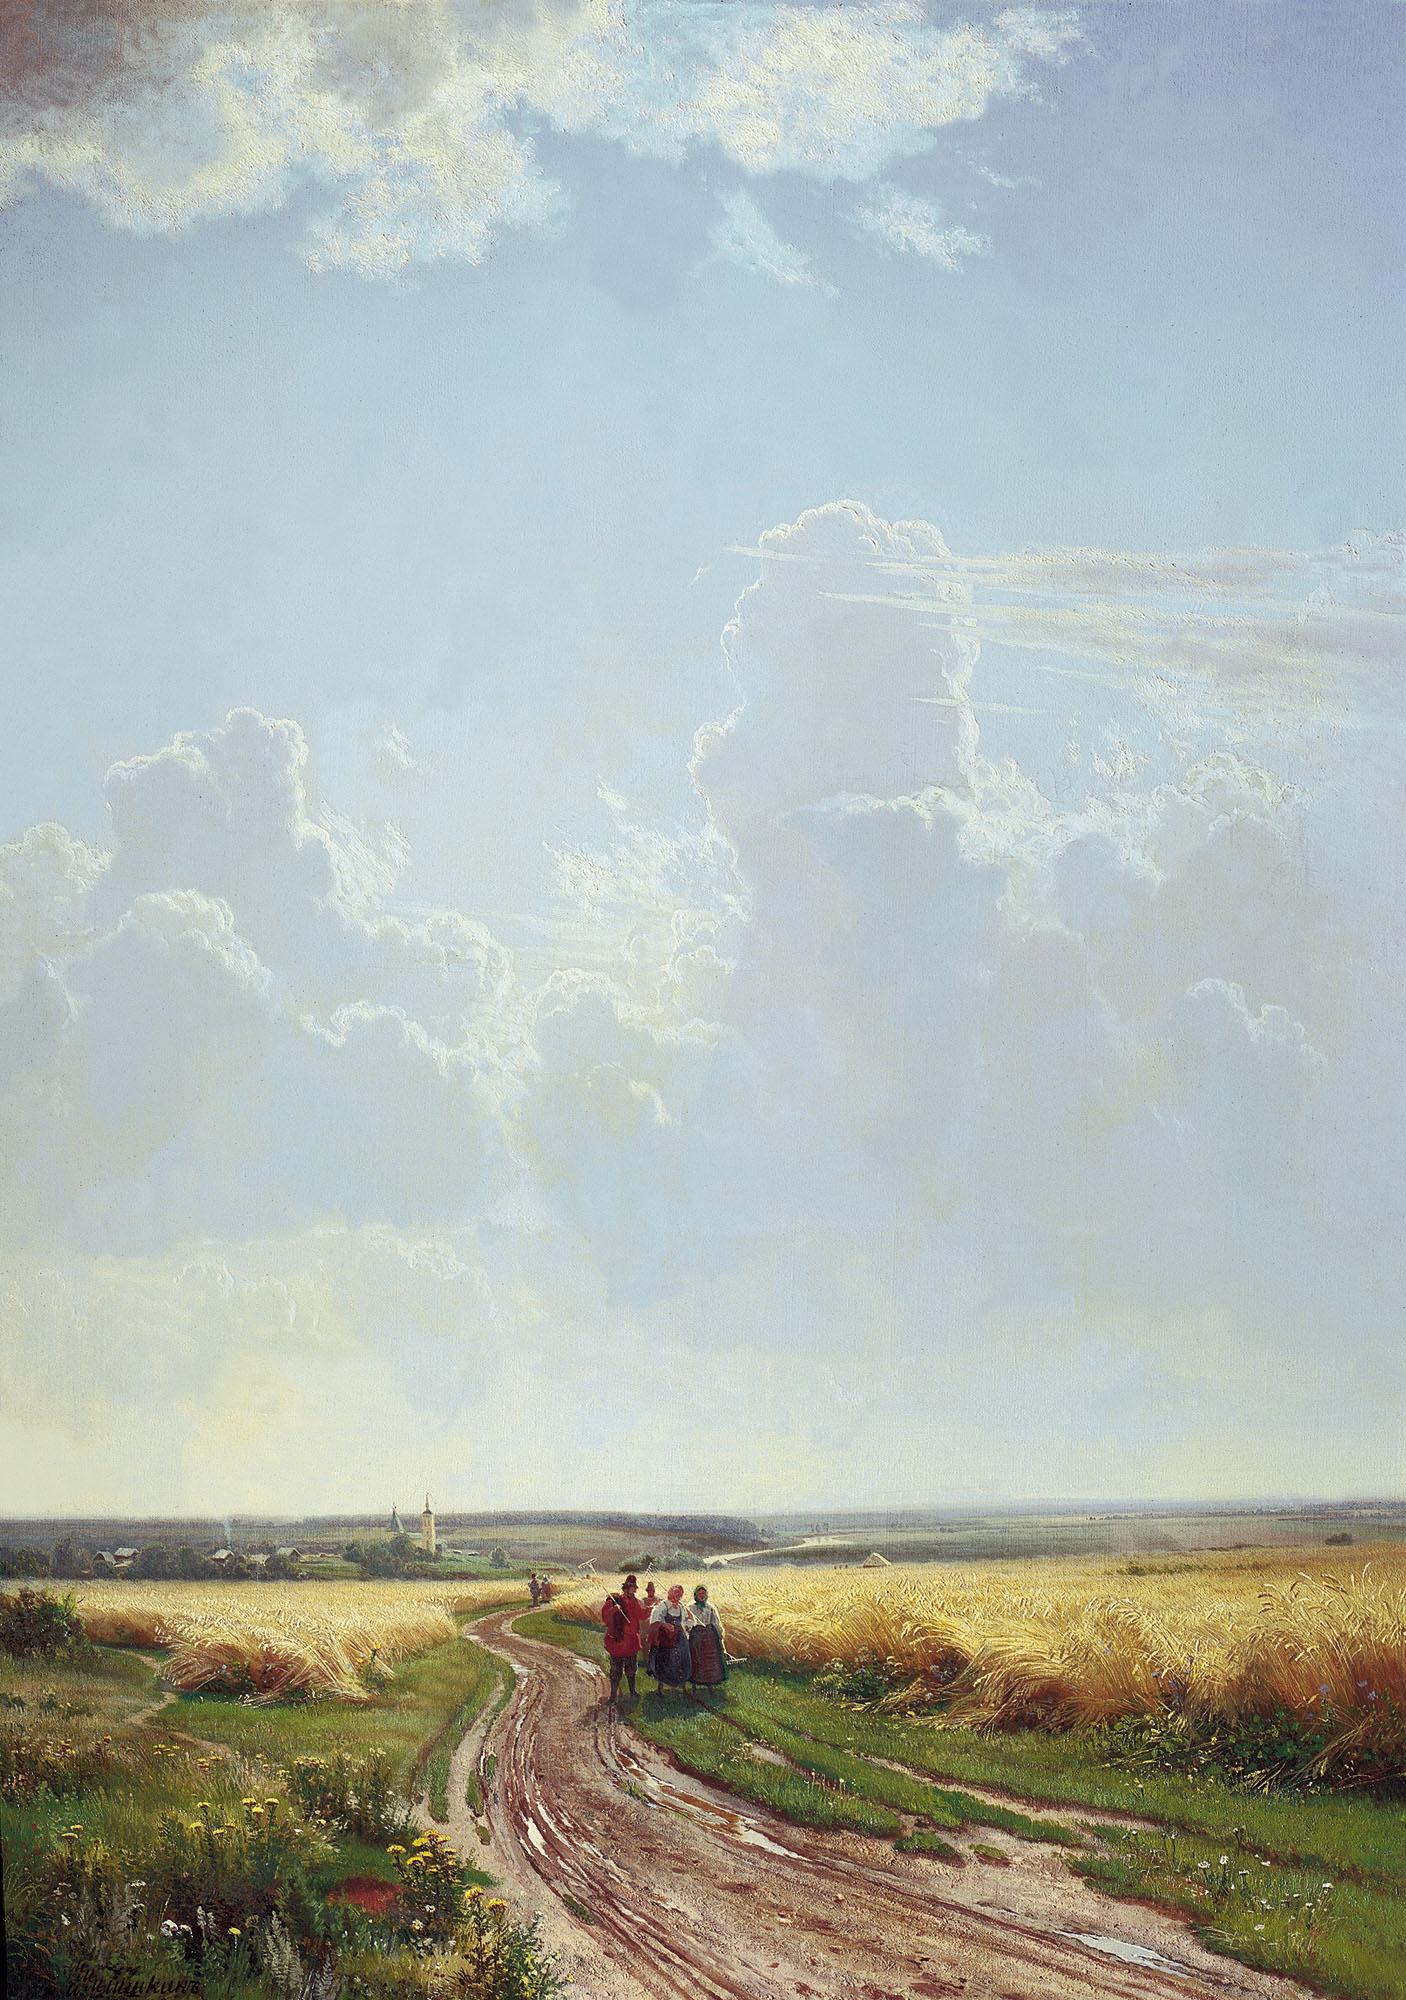 Шишкин. Полдень. В окрестностях Москвы. 1869